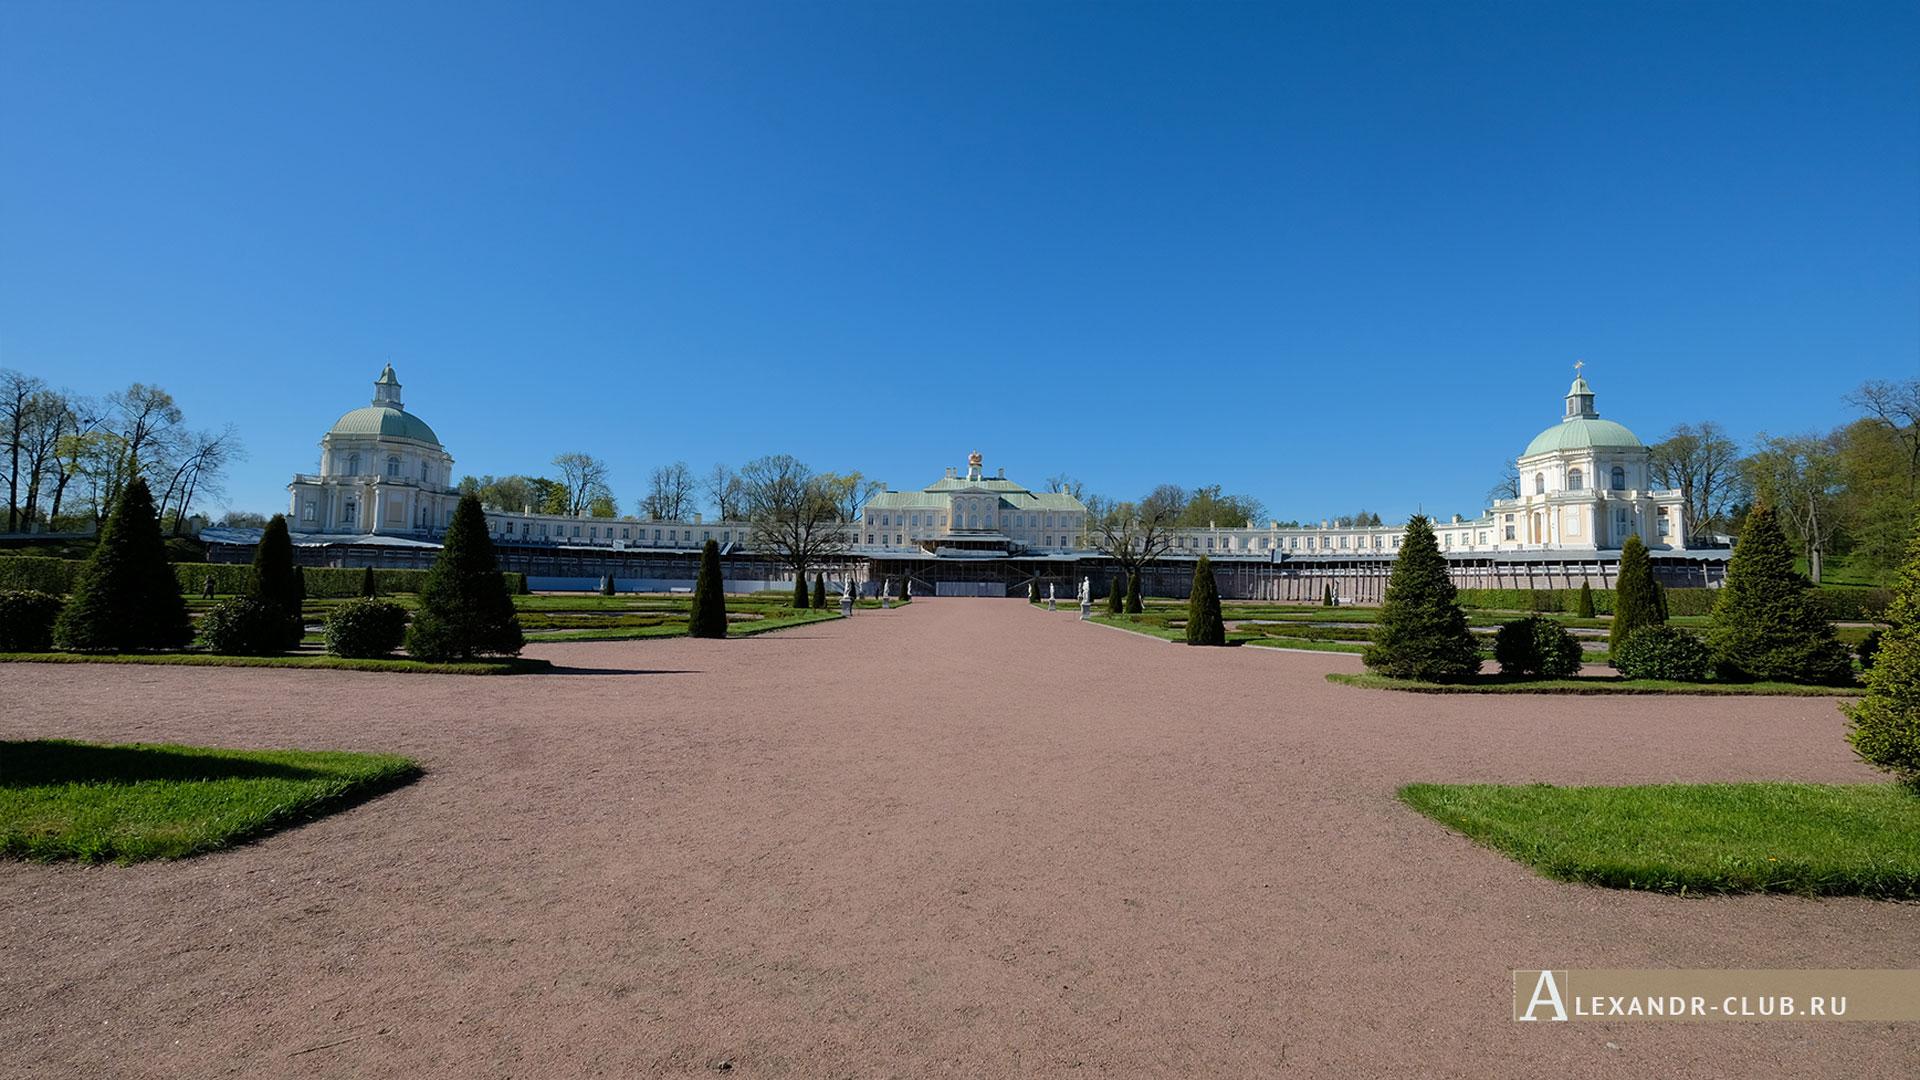 Ораниенбаум, весна, Большой Меншиковский дворец